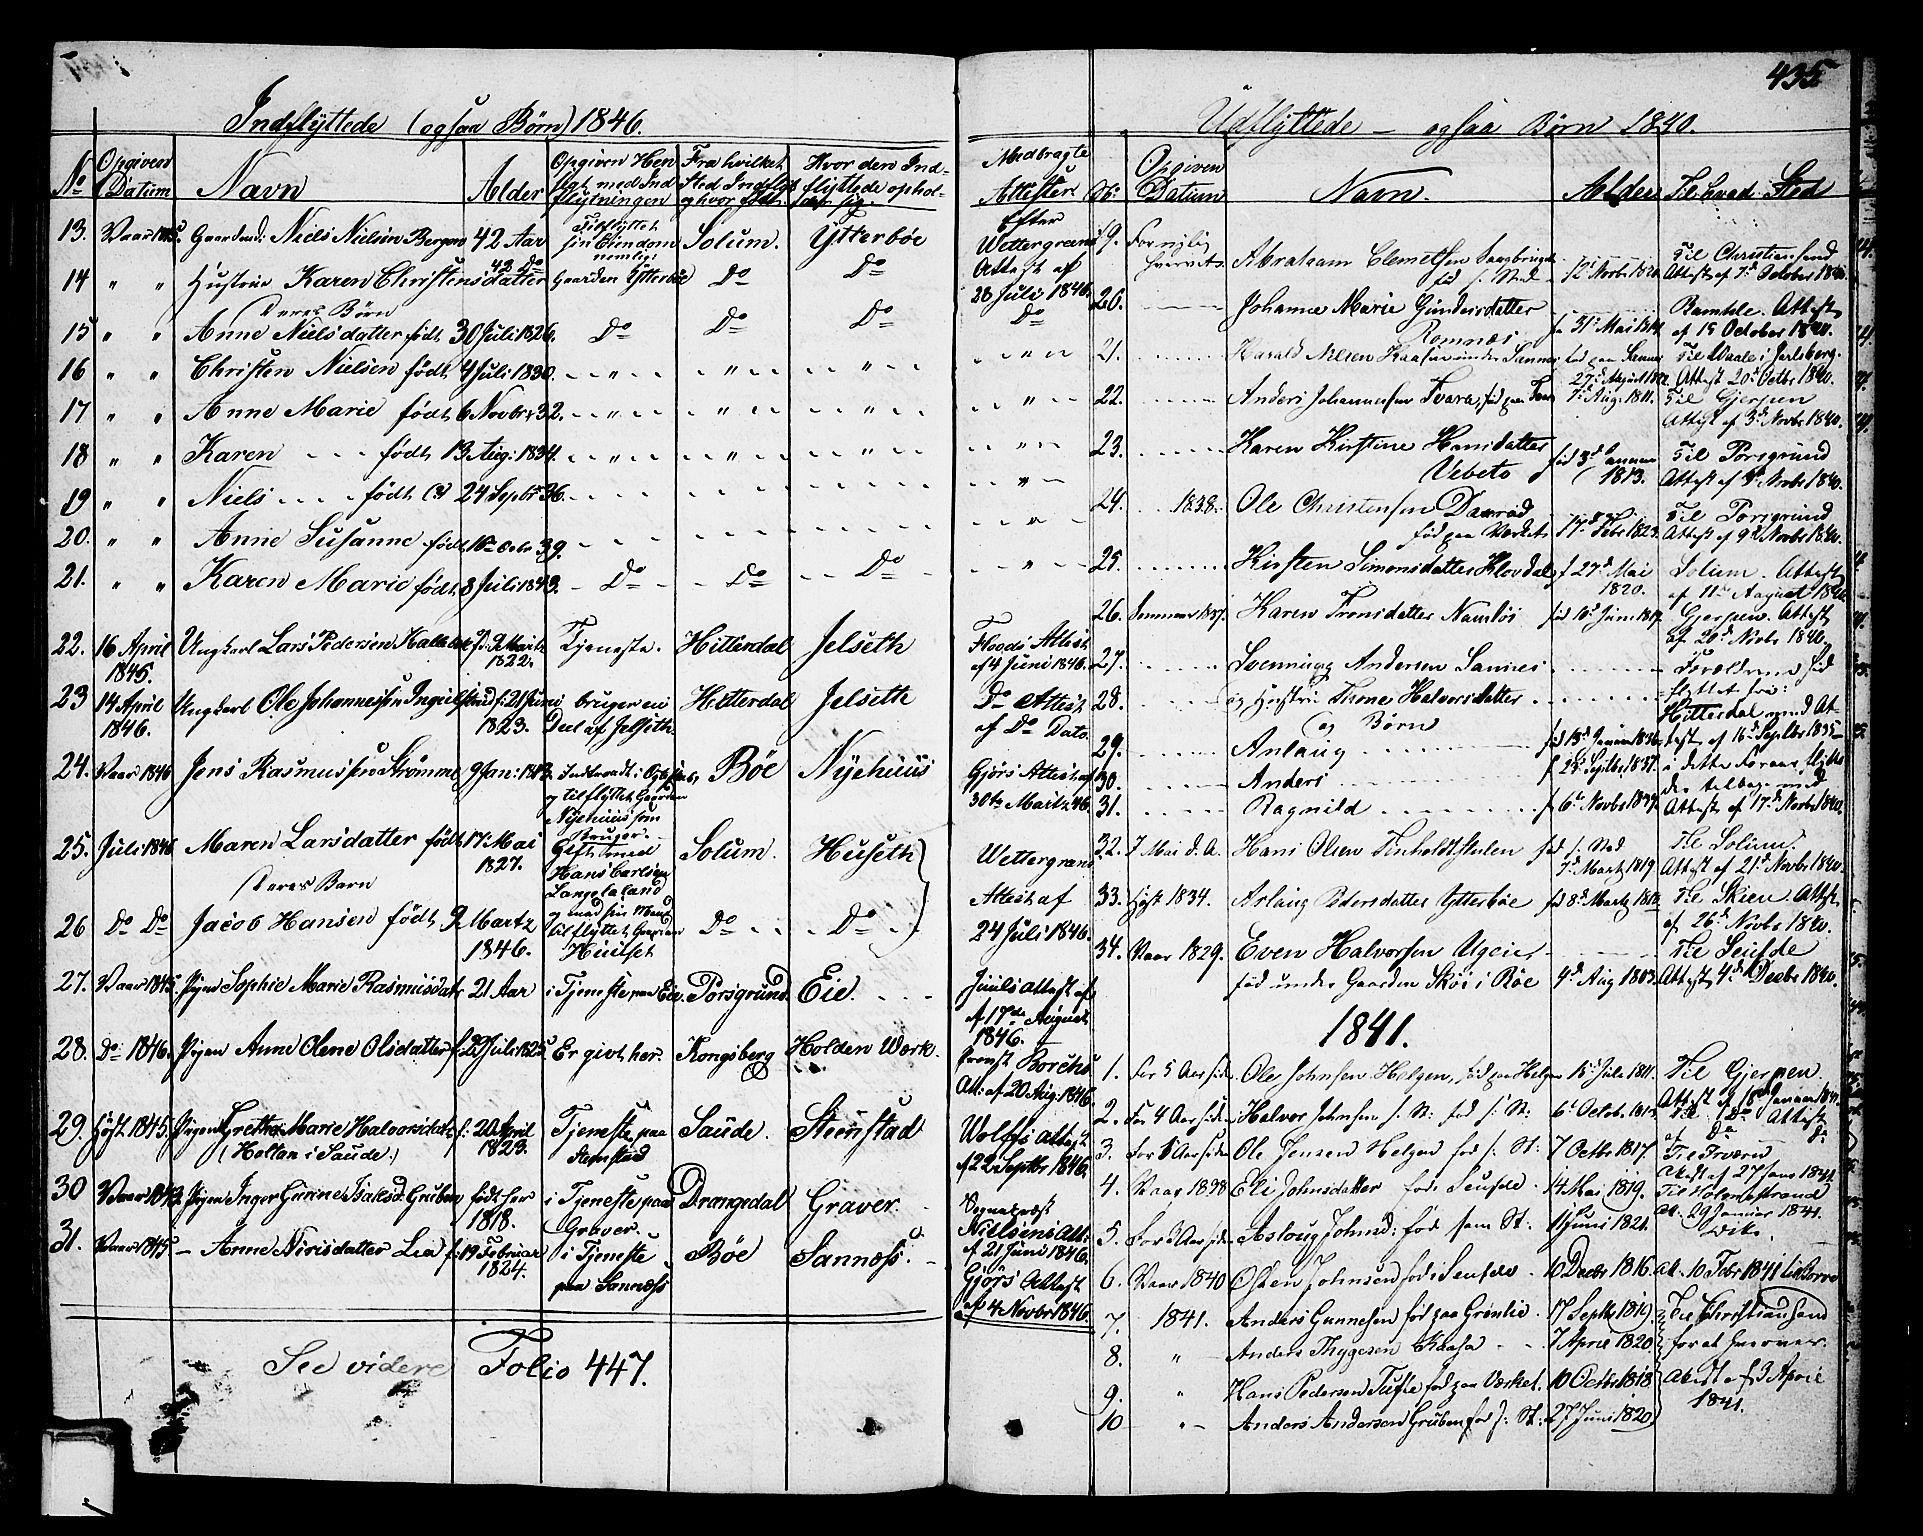 SAKO, Holla kirkebøker, G/Ga/L0002: Klokkerbok nr. I 2, 1830-1848, s. 435